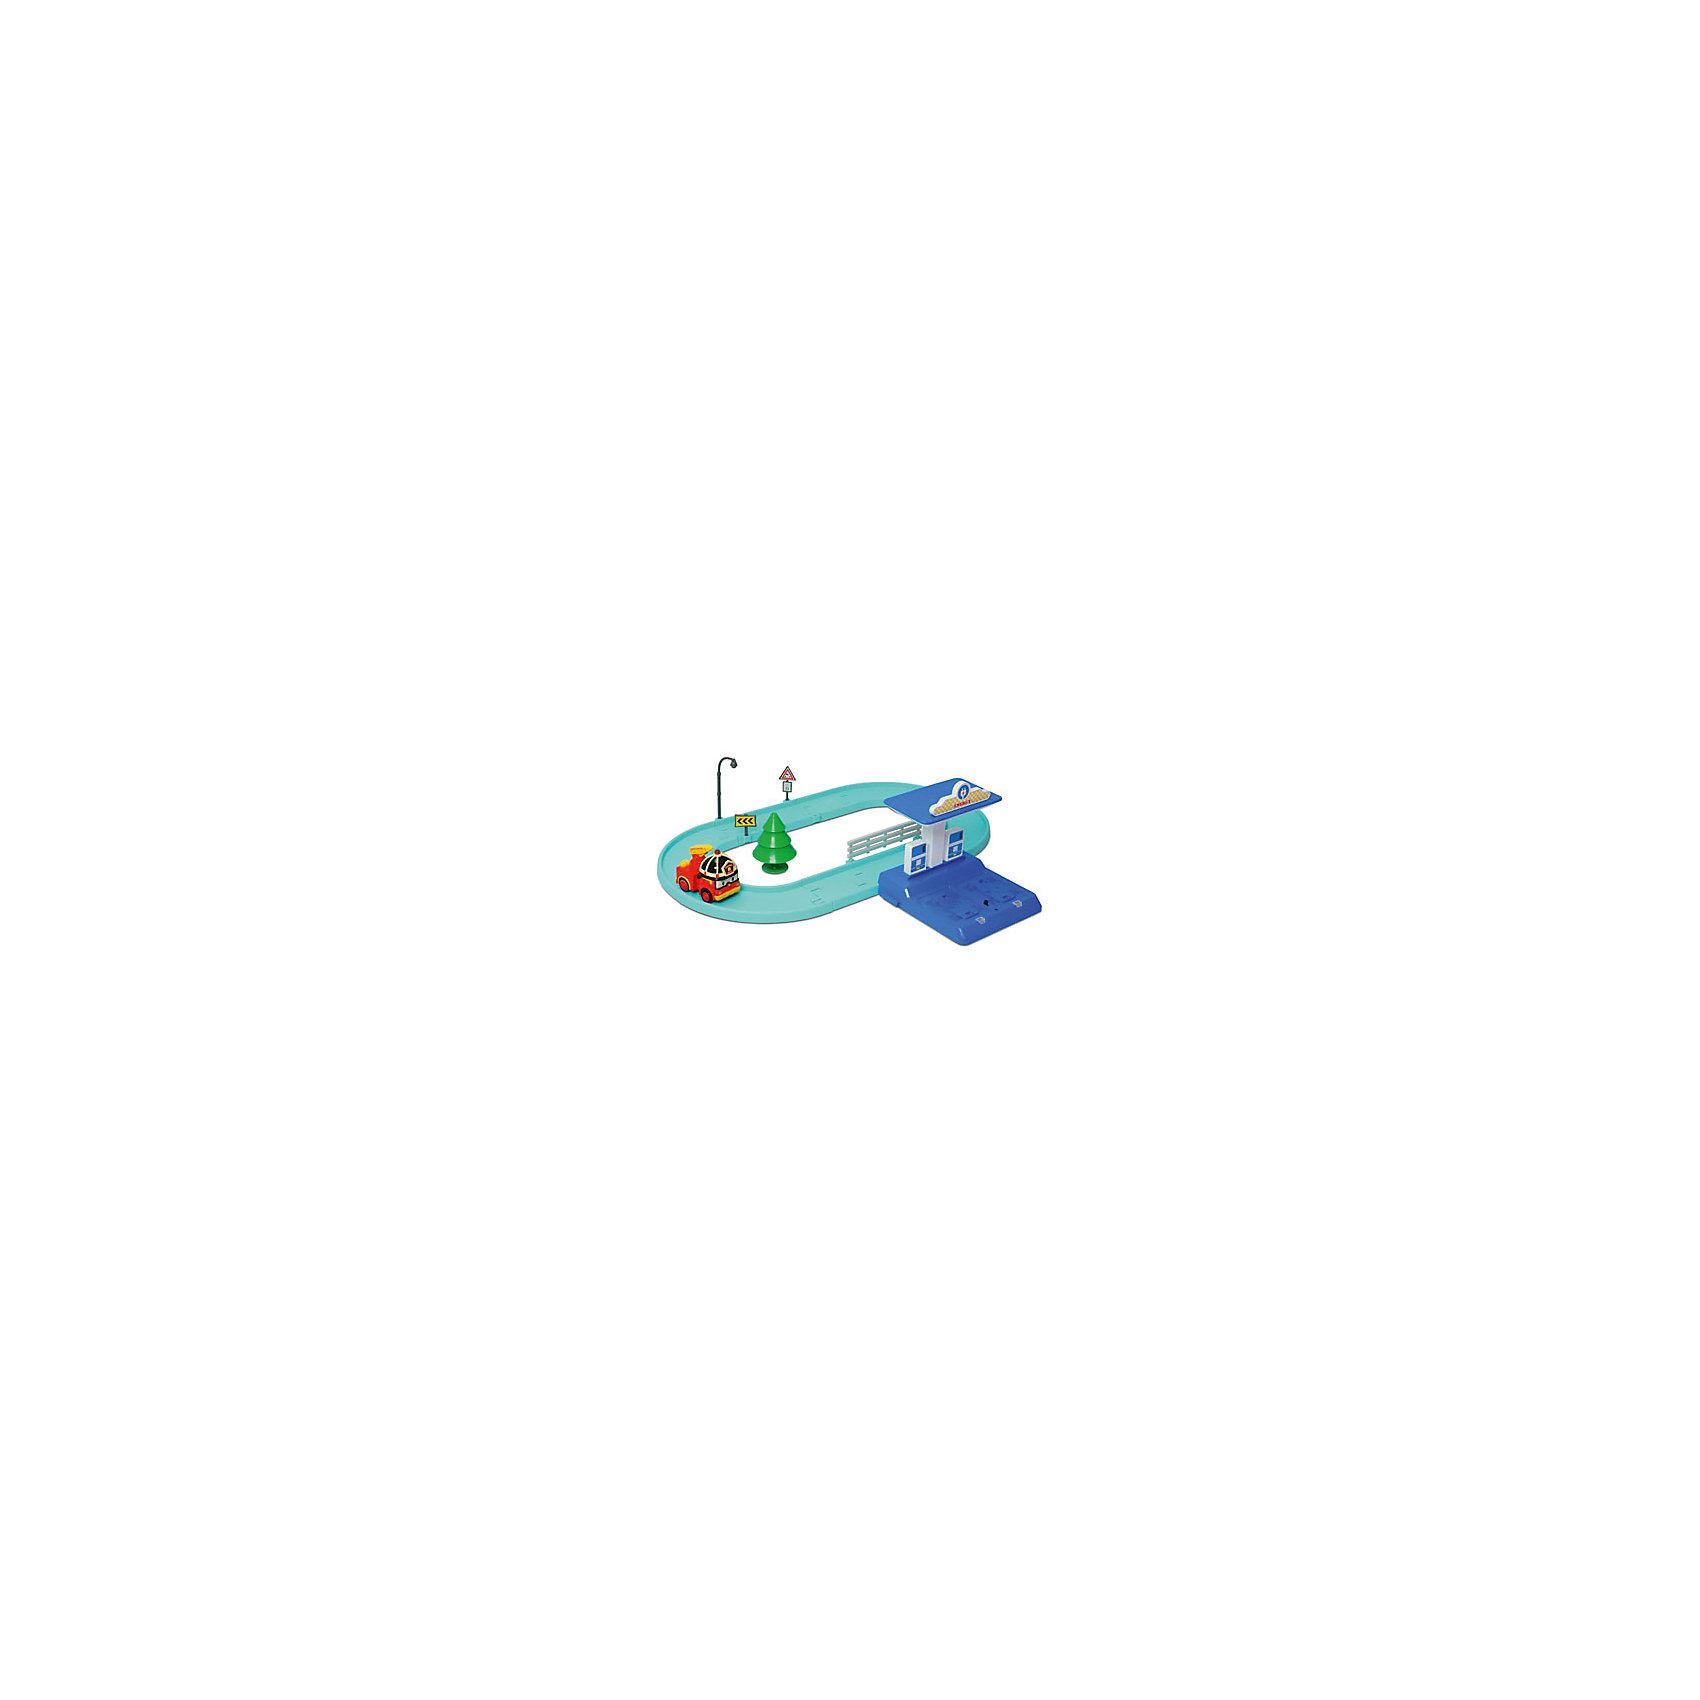 Маленький трек с Умной машинкой Рой, Робокар ПолиЭтот набор обязательно понравится всем любителям мультфильма Робокар Поли и его друзья. Набор представляет собой трек, по которому ездит умная машинка, заправку и аксессуары. Ваш ребенок будет с интересом проигрывать ситуации из мультфильма и придумывать свои. Машинка останавливается, если перед ней препятствие, станция заправки предназначена для подзарядки аккумулятора автомобиля, рассчитана на одновременную подзарядку двух машинок. Игрушка выполнена из высококачественных безопасных для детей материалов. Набор прекрасно развивает мелкую моторику и фантазию.<br><br>Дополнительная информация: <br><br>- Материал: пластик.<br>- Комплектация: машинка, детали для строительства дороги, заправка, аксессуары (дерево, фонарь, знак, указатель).<br>- Размер упаковки: 40 x 18 x 28 см.<br>- Элемент питания: для заправки - 3 батарейки АА (не входят в комплект); для машинки - Ni-MH аккумулятор 1.2В (80 мА/ч, в комплекте).<br><br>Маленький трек с Умной машинкой Рой, Робокар Поли (Robocar Poli) можно купить в нашем магазине.<br><br>Ширина мм: 380<br>Глубина мм: 150<br>Высота мм: 300<br>Вес г: 943<br>Возраст от месяцев: 36<br>Возраст до месяцев: 84<br>Пол: Унисекс<br>Возраст: Детский<br>SKU: 3929161